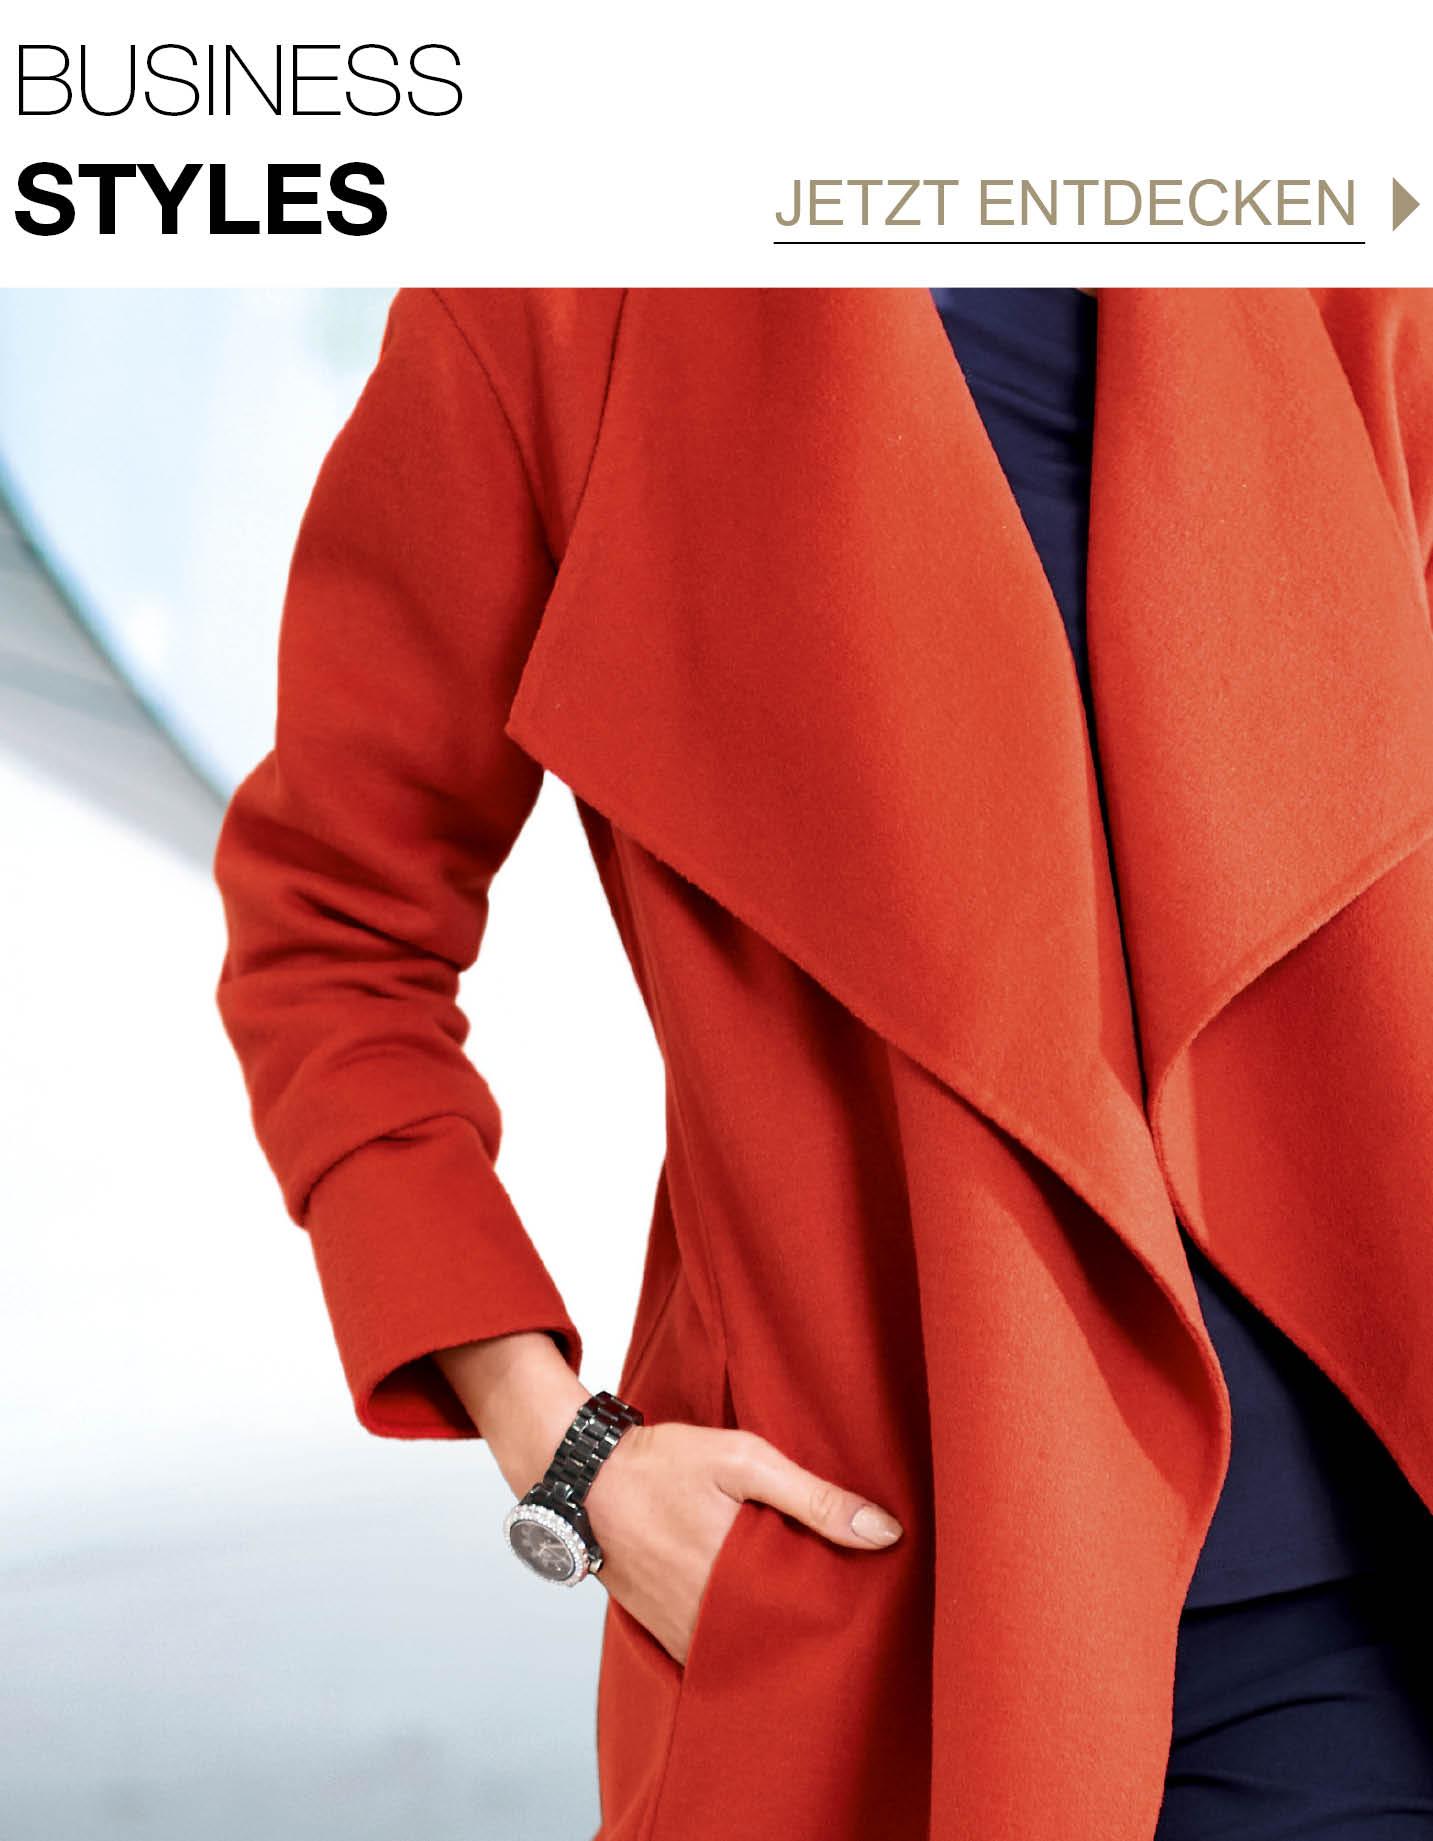 Faszinierend Business Mode Damen Galerie Von Die Styles überraschen Mit Tollen Details. Suchen